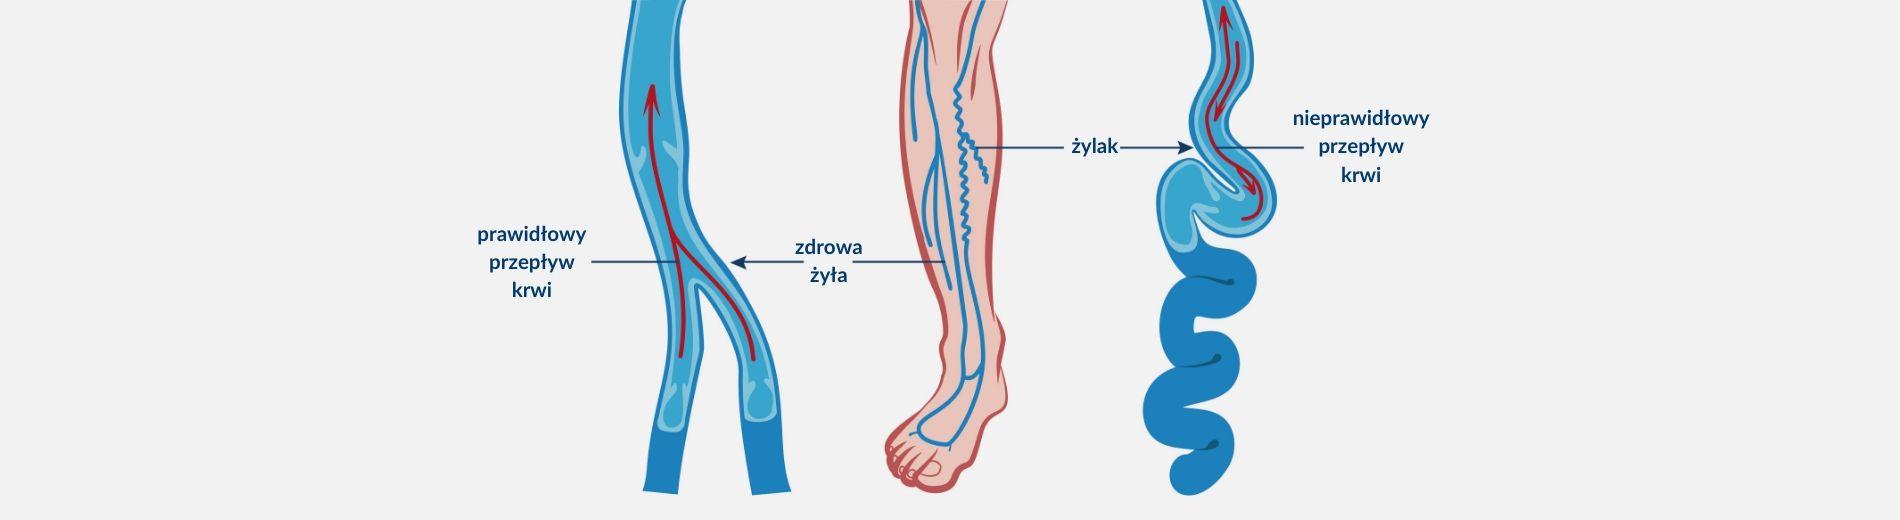 żylak kończyny dolnej